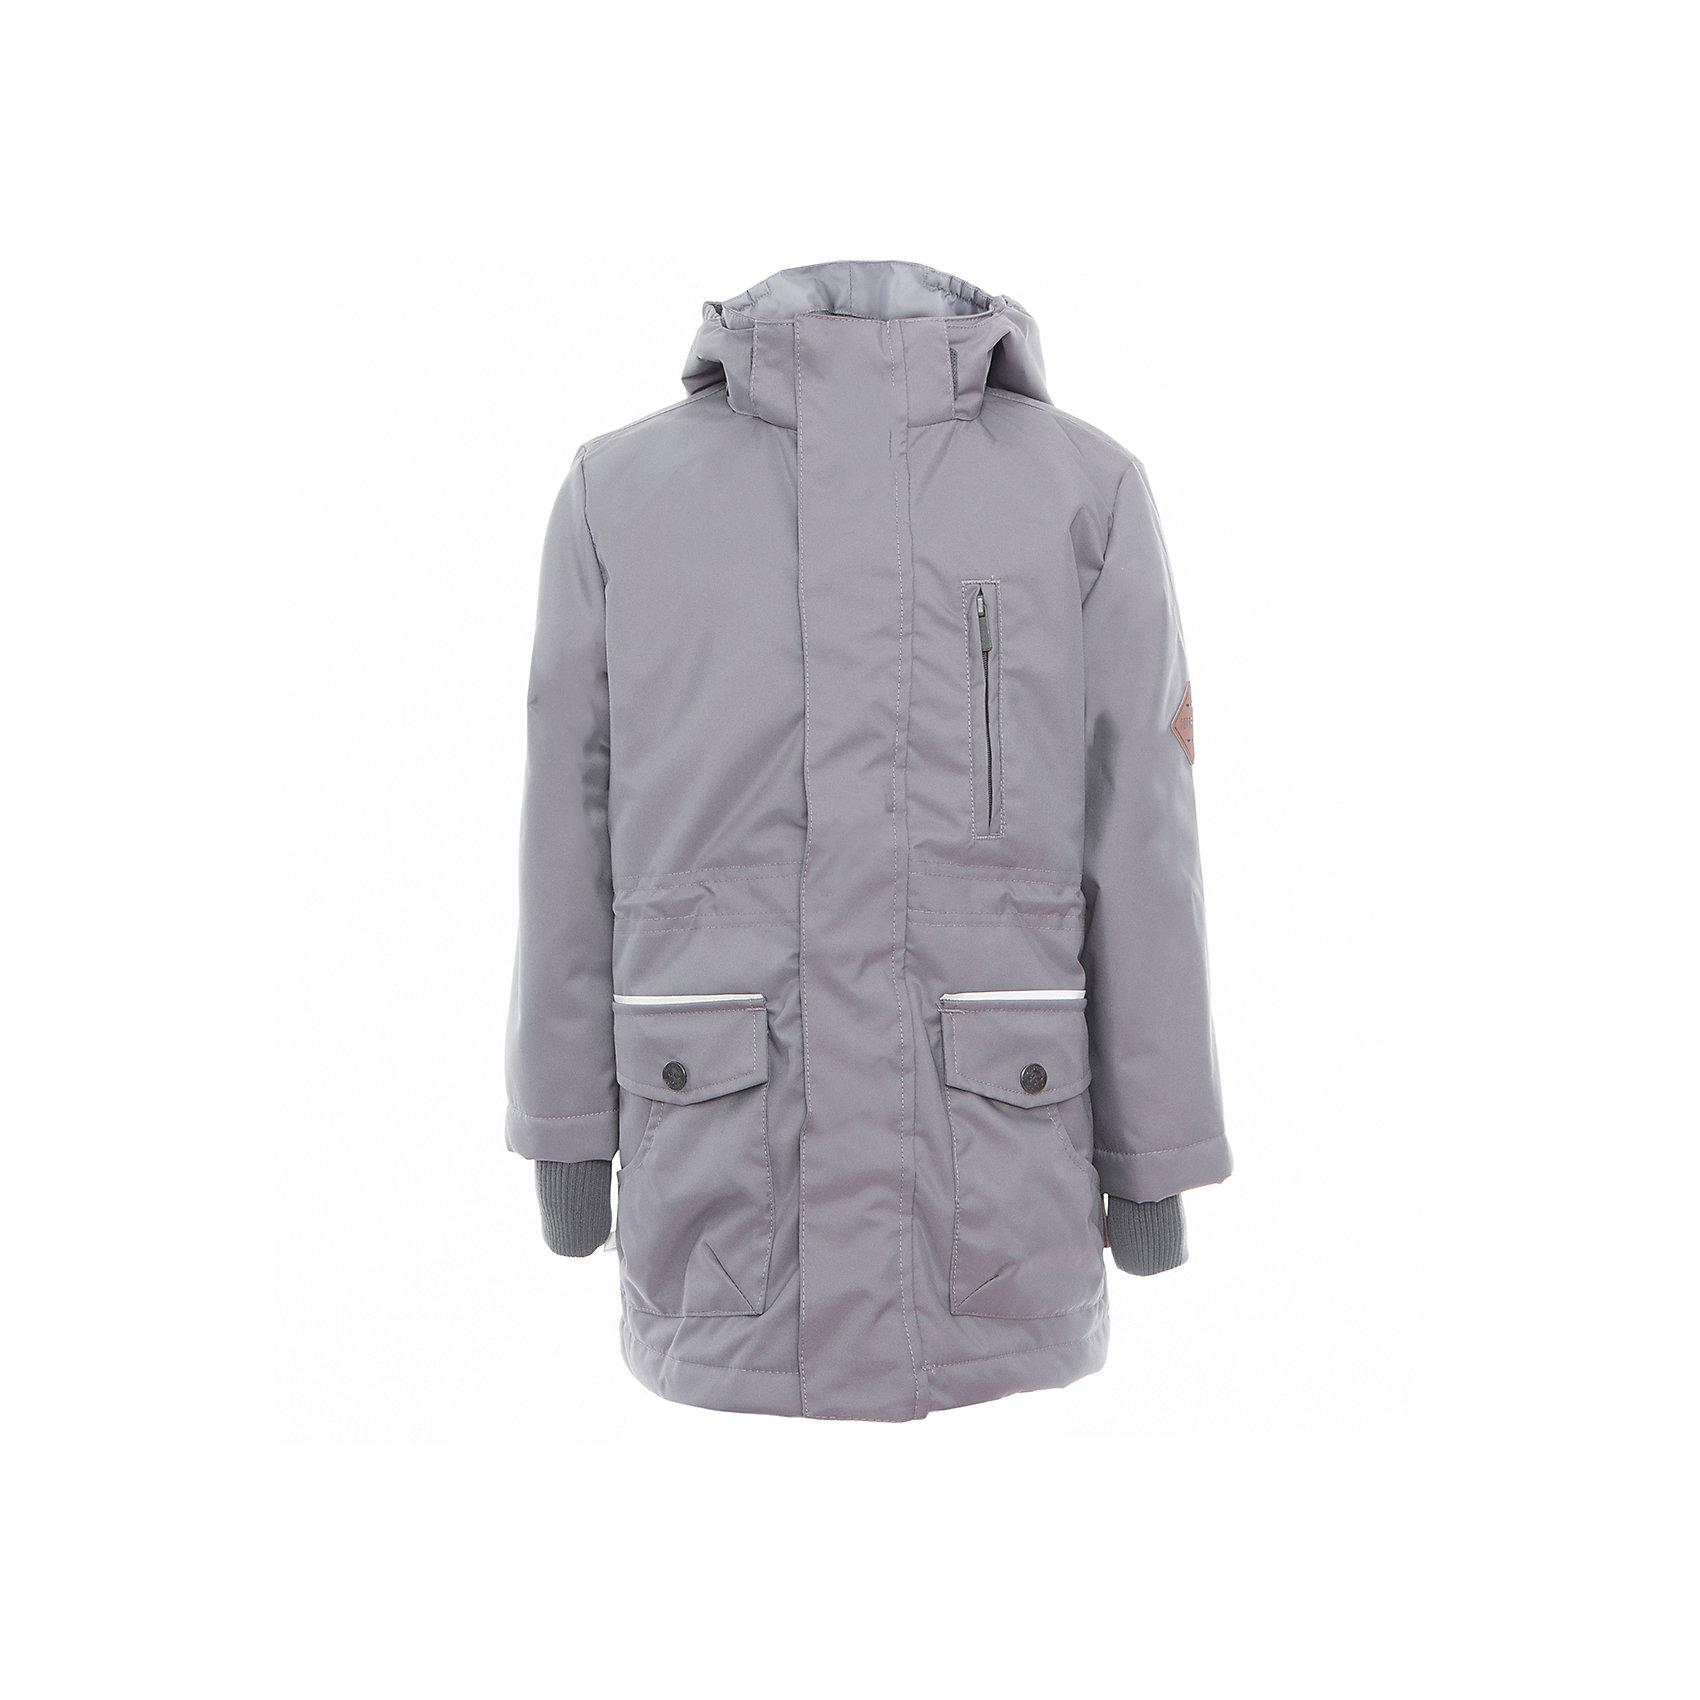 Куртка для мальчика ROLF HuppaДемисезонные куртки<br>Характеристики товара:<br><br>• цвет: серый<br>• ткань: 100% полиэстер<br>• подкладка: тафта - 100% полиэстер<br>• утеплитель: 100% полиэстер 100 г<br>• температурный режим: от -5°С до +10°С<br>• водонепроницаемость: 10000 мм<br>• воздухопроницаемость: 10000 мм<br>• светоотражающие детали<br>• эластичные манжеты<br>• молния<br>• плечевые швы проклеены<br>• карманы на молнии<br>• эластичный шнур + фиксатор<br>• съёмный капюшон с резинкой<br>• внутренние вязаные манжеты<br>• комфортная посадка<br>• коллекция: весна-лето 2017<br>• страна бренда: Эстония<br><br>Эта стильная куртка обеспечит детям тепло и комфорт. Она сделана из материала, отталкивающего воду, и дополнено подкладкой с утеплителем, поэтому изделие идеально подходит для межсезонья. Материал изделия - с мембранной технологией: защищая от влаги и ветра, он легко выводит лишнюю влагу наружу. Для удобства сделан капюшон. Куртка очень симпатично смотрится, яркая расцветка и крой добавляют ему оригинальности. Модель была разработана специально для детей.<br><br>Одежда и обувь от популярного эстонского бренда Huppa - отличный вариант одеть ребенка можно и комфортно. Вещи, выпускаемые компанией, качественные, продуманные и очень удобные. Для производства изделий используются только безопасные для детей материалы. Продукция от Huppa порадует и детей, и их родителей!<br><br>Куртку для мальчика ROLF от бренда Huppa (Хуппа) можно купить в нашем интернет-магазине.<br><br>Ширина мм: 356<br>Глубина мм: 10<br>Высота мм: 245<br>Вес г: 519<br>Цвет: серый<br>Возраст от месяцев: 96<br>Возраст до месяцев: 108<br>Пол: Мужской<br>Возраст: Детский<br>Размер: 134,164,104,110,116,122,128,140,146,152,158<br>SKU: 5347063